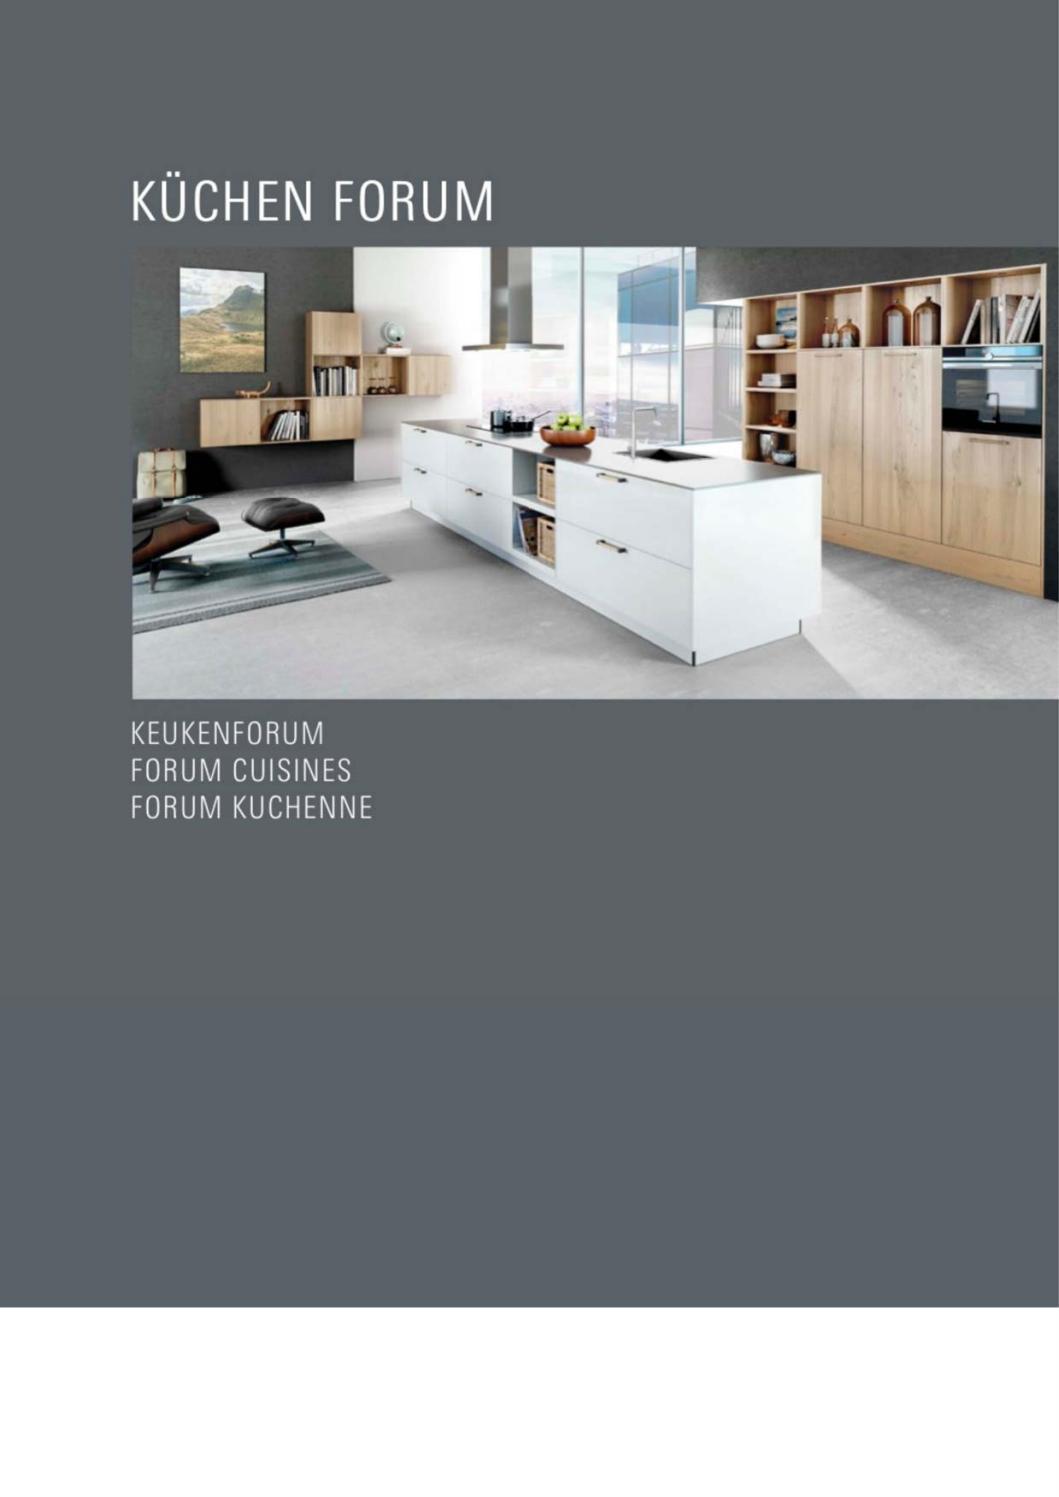 Häcker Küchen Forum | Häcker Küchen Zeigt Neuheiten Nw De